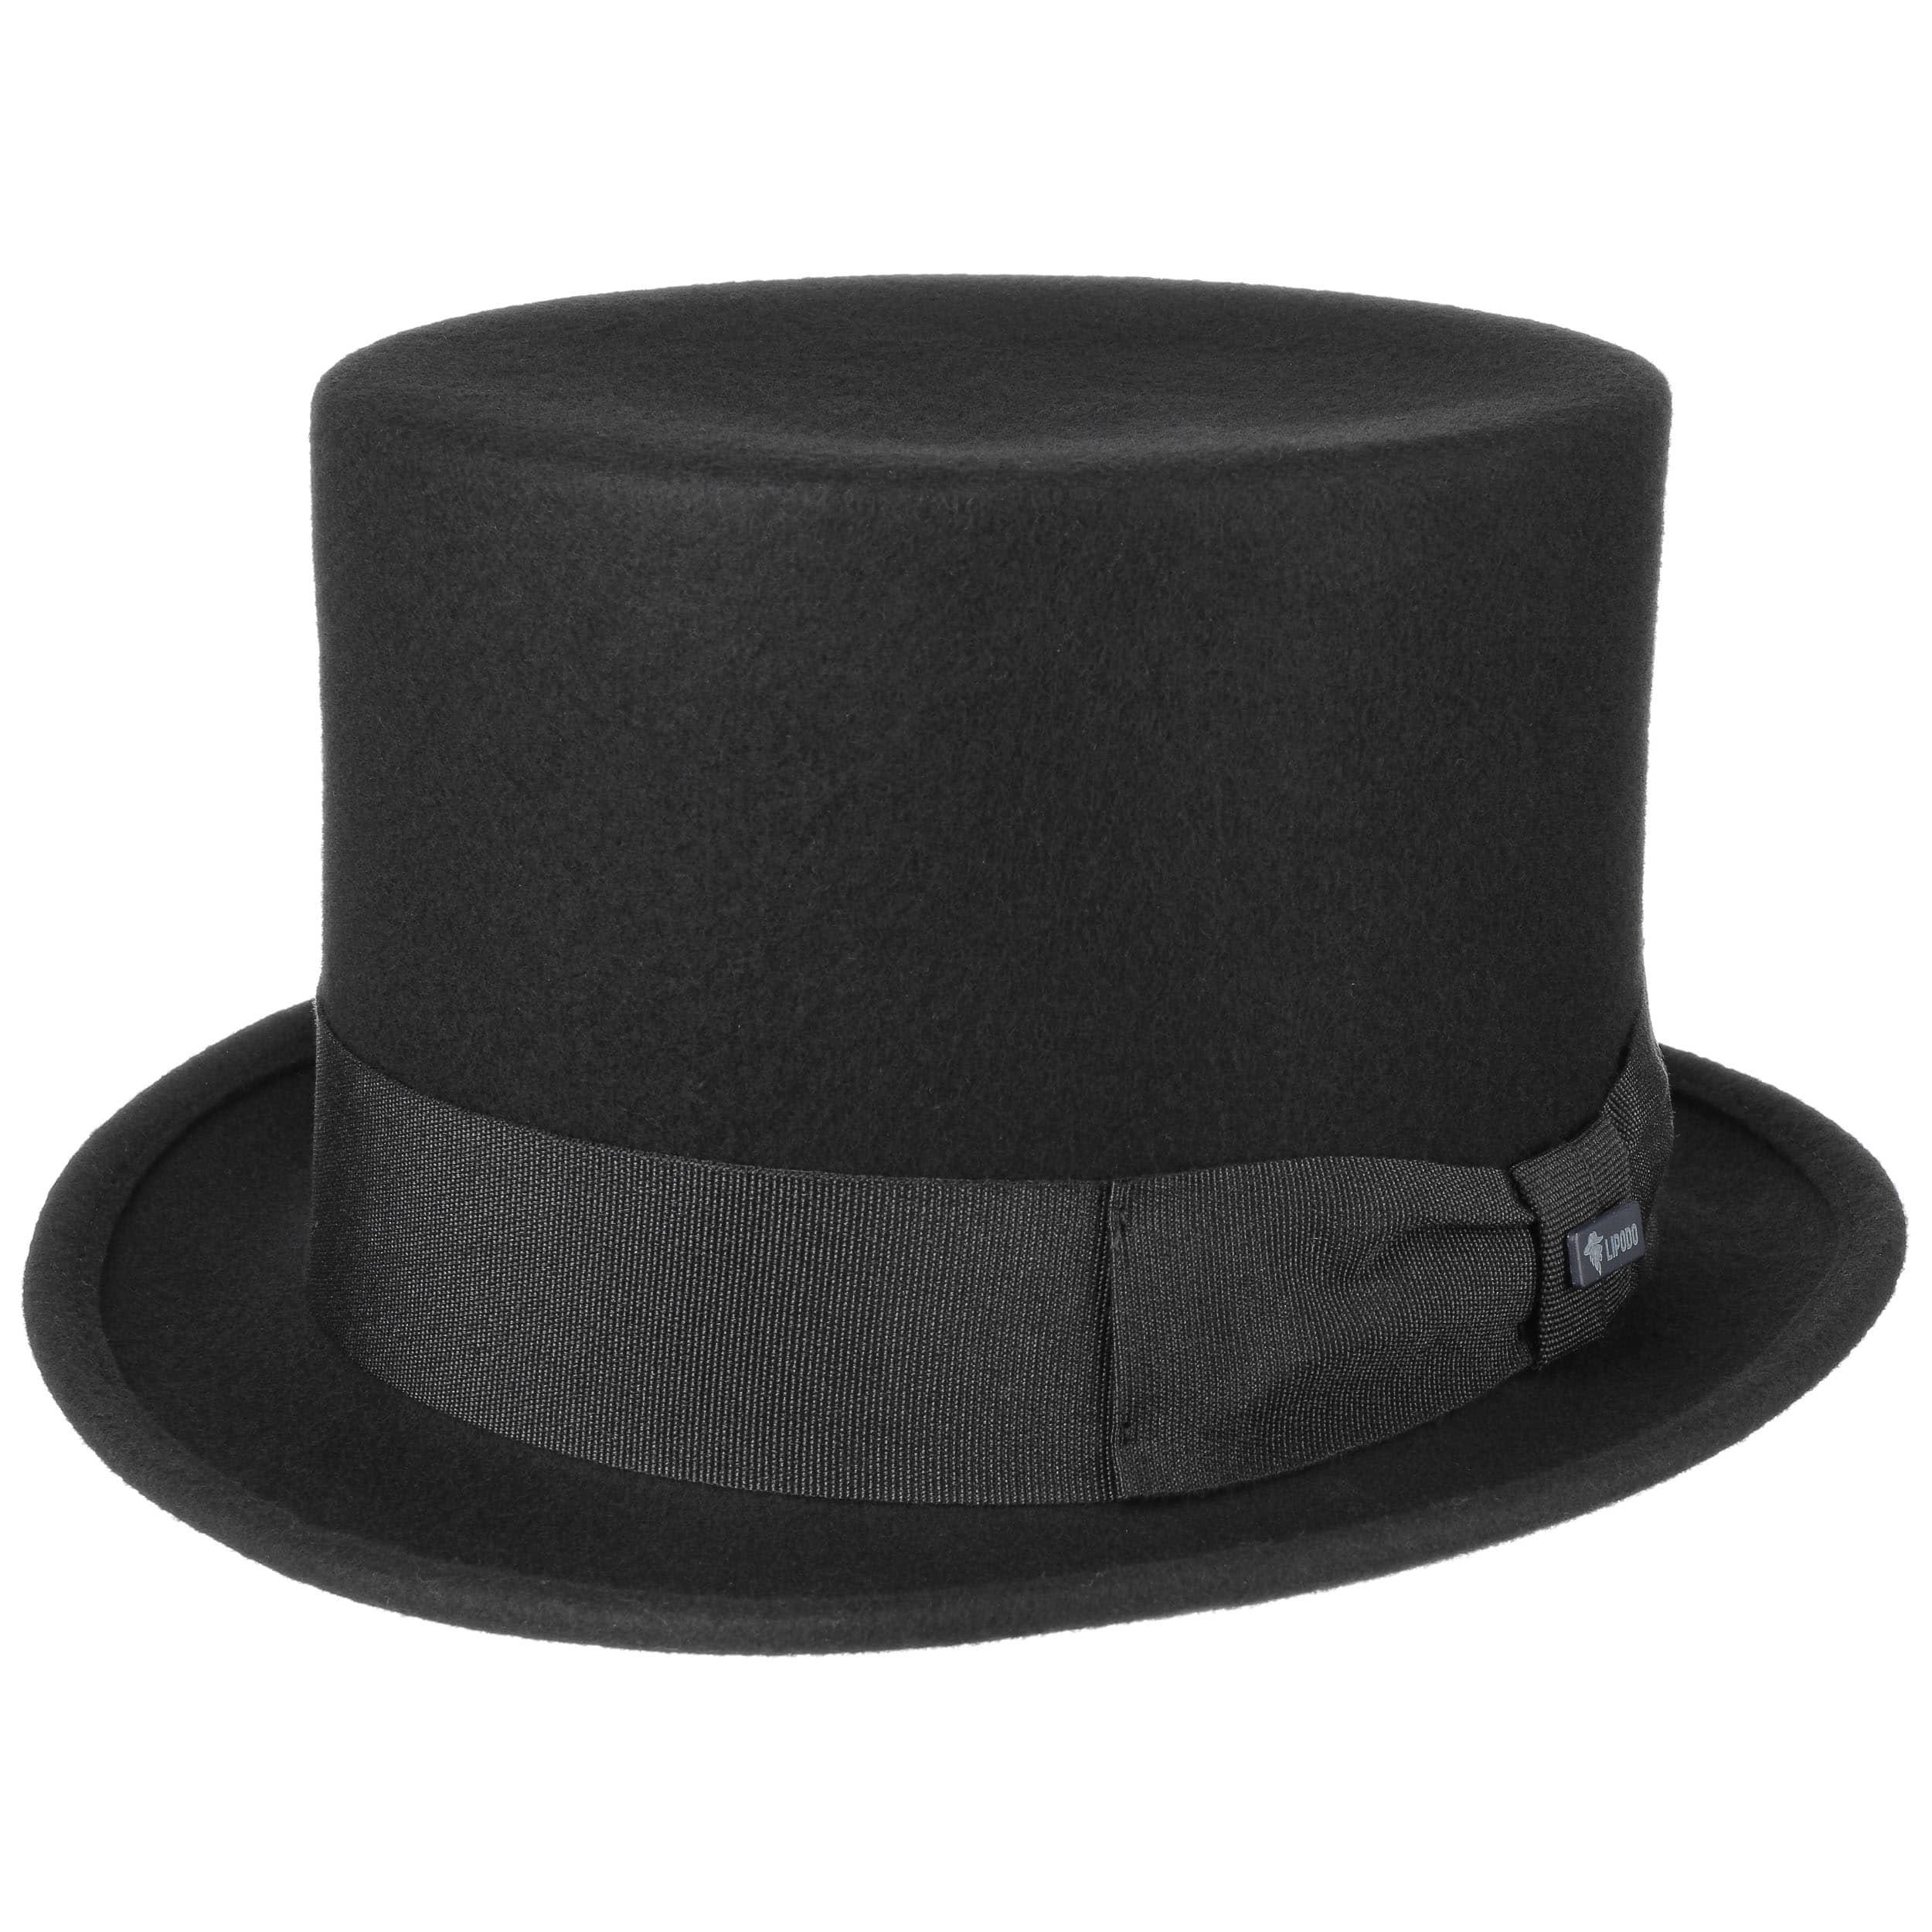 1a7b11b20cf4b Sombrero de Copa Alta Fieltro by Lipodo - Sombreros - sombreroshop.es